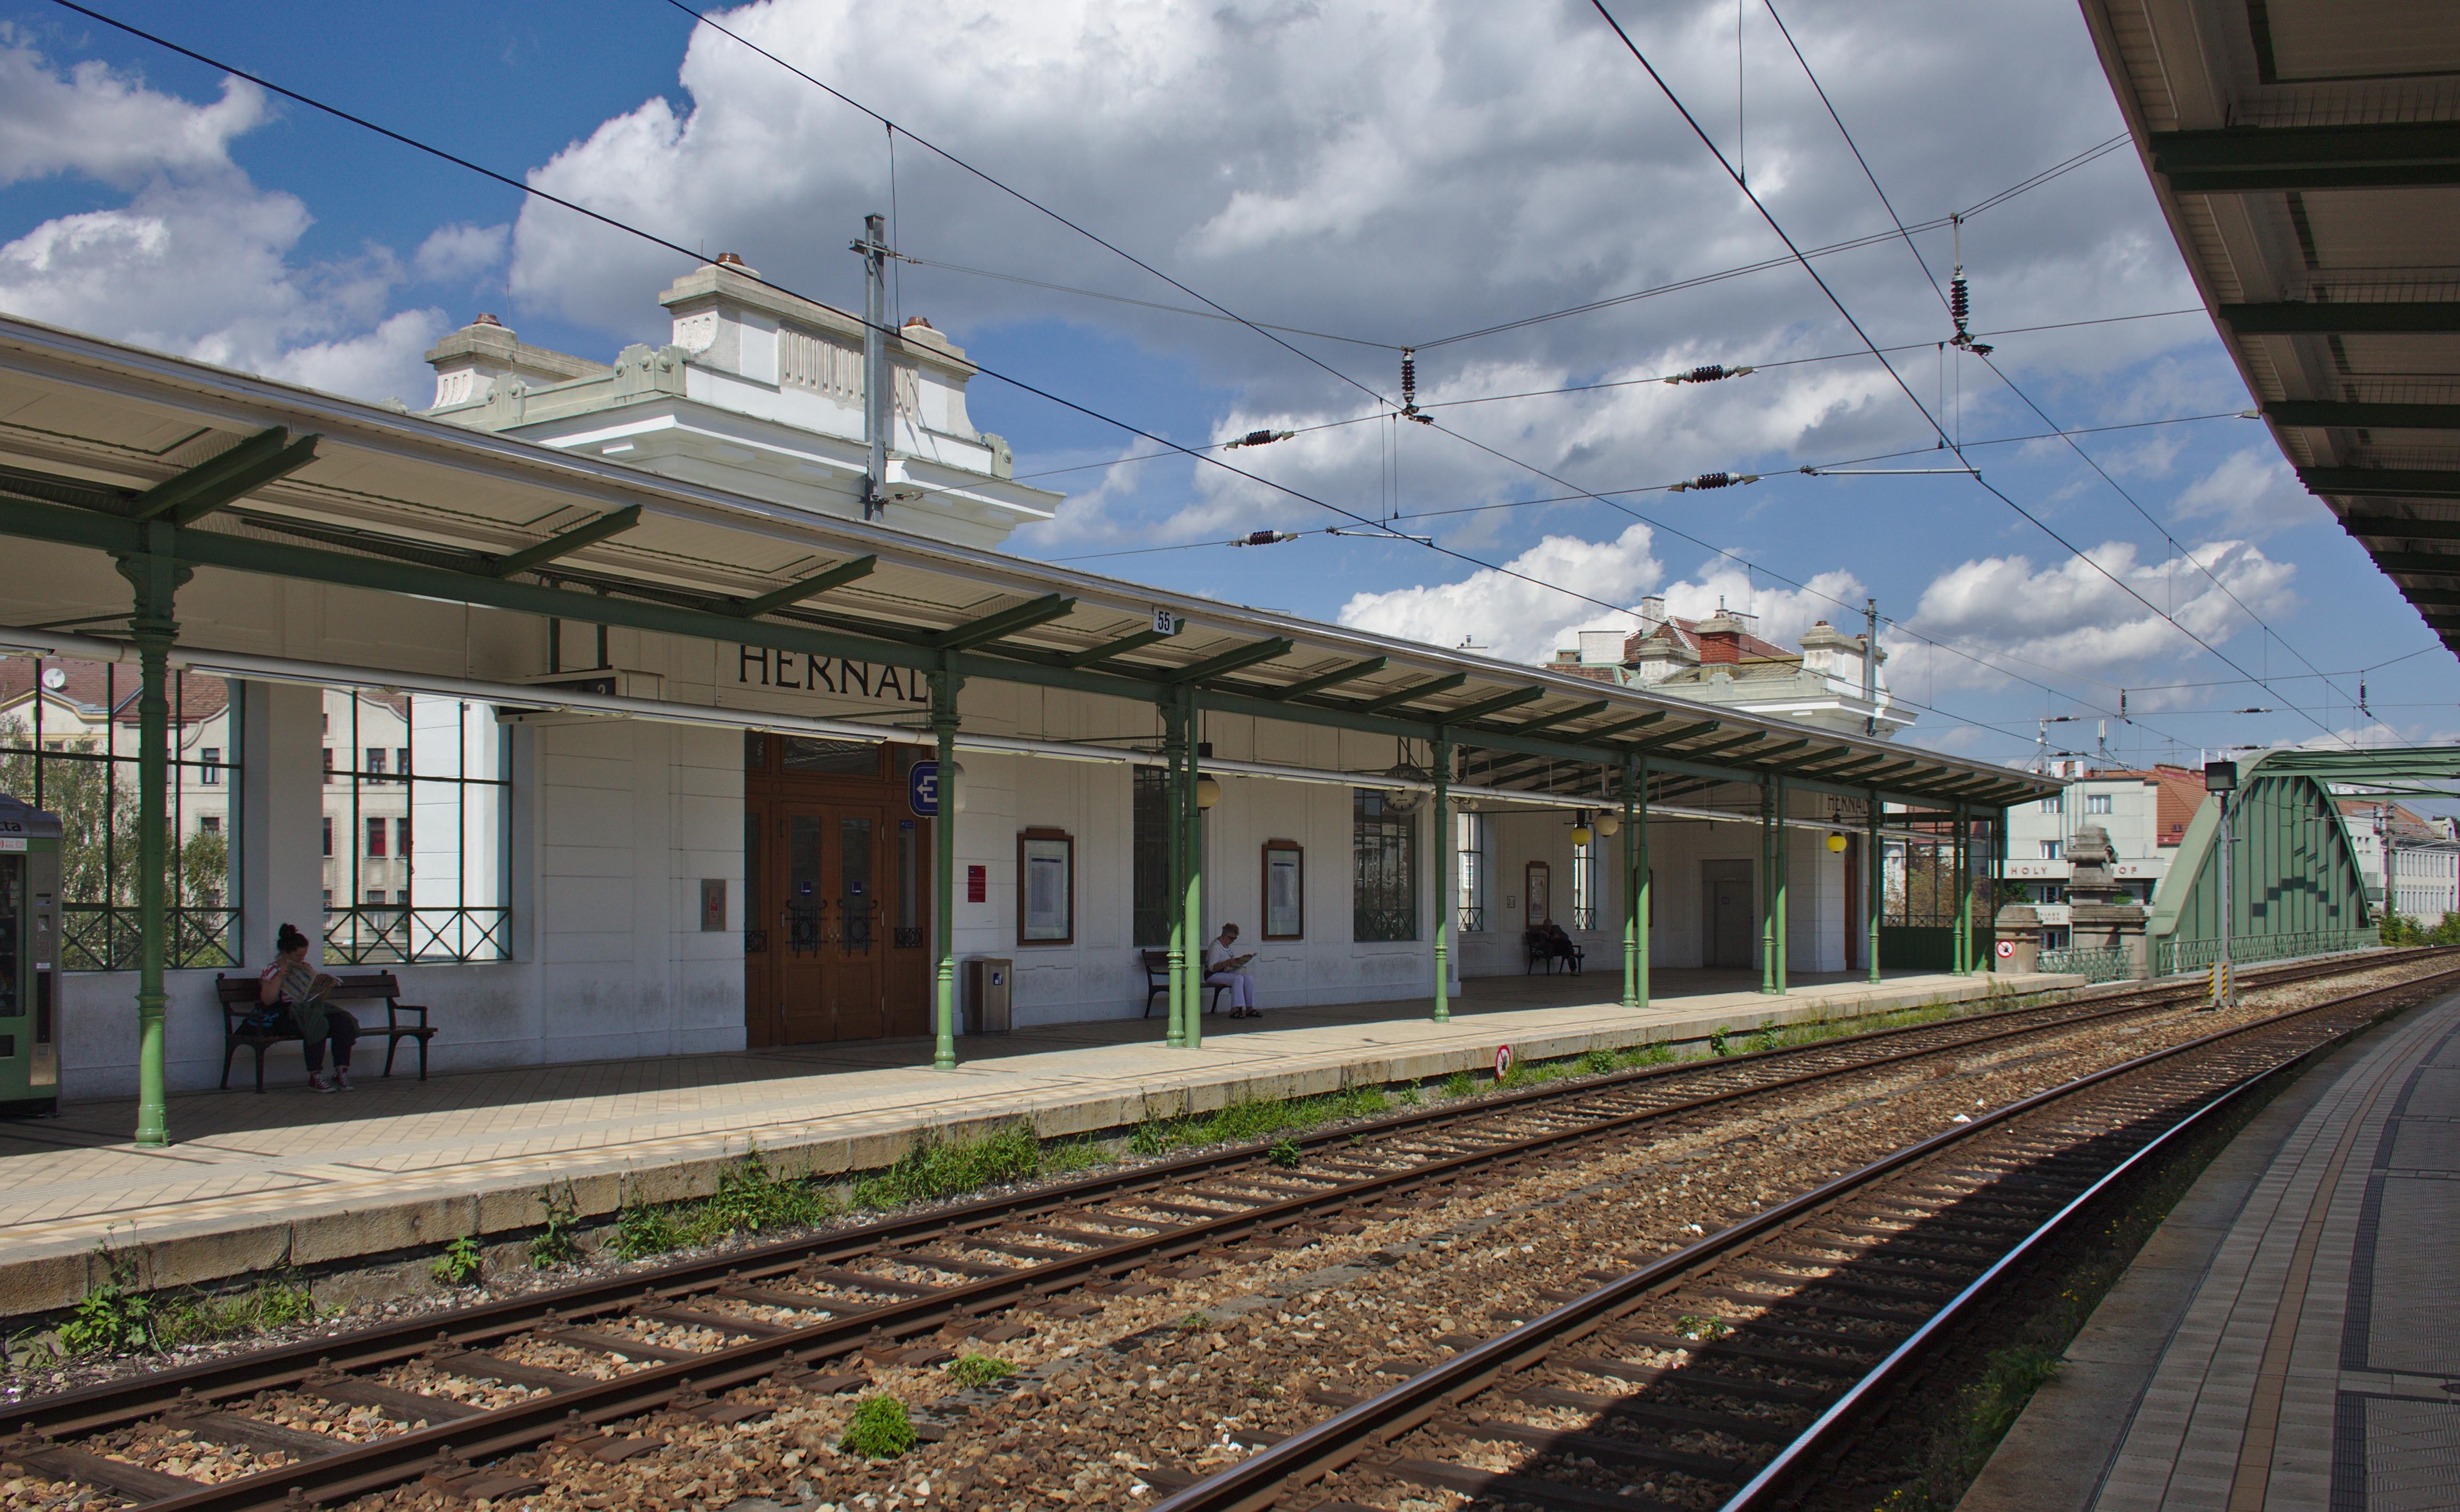 17., Hernals   Wien, rk. Erzdizese (stl. Niedersterreich und